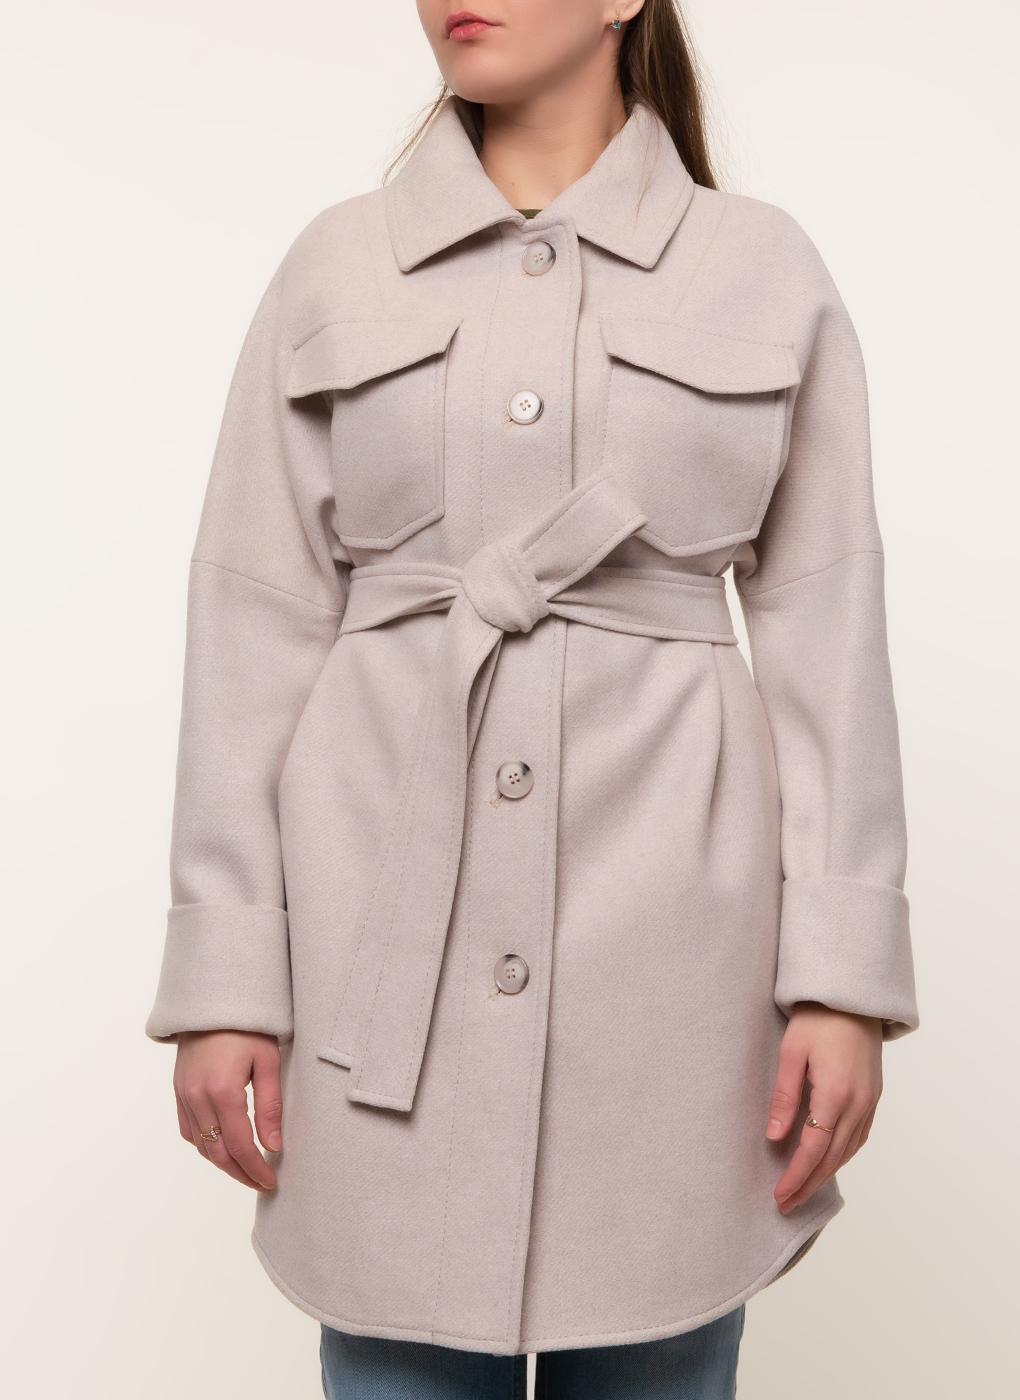 Пальто полушерстяное 49, Galla Lady фото